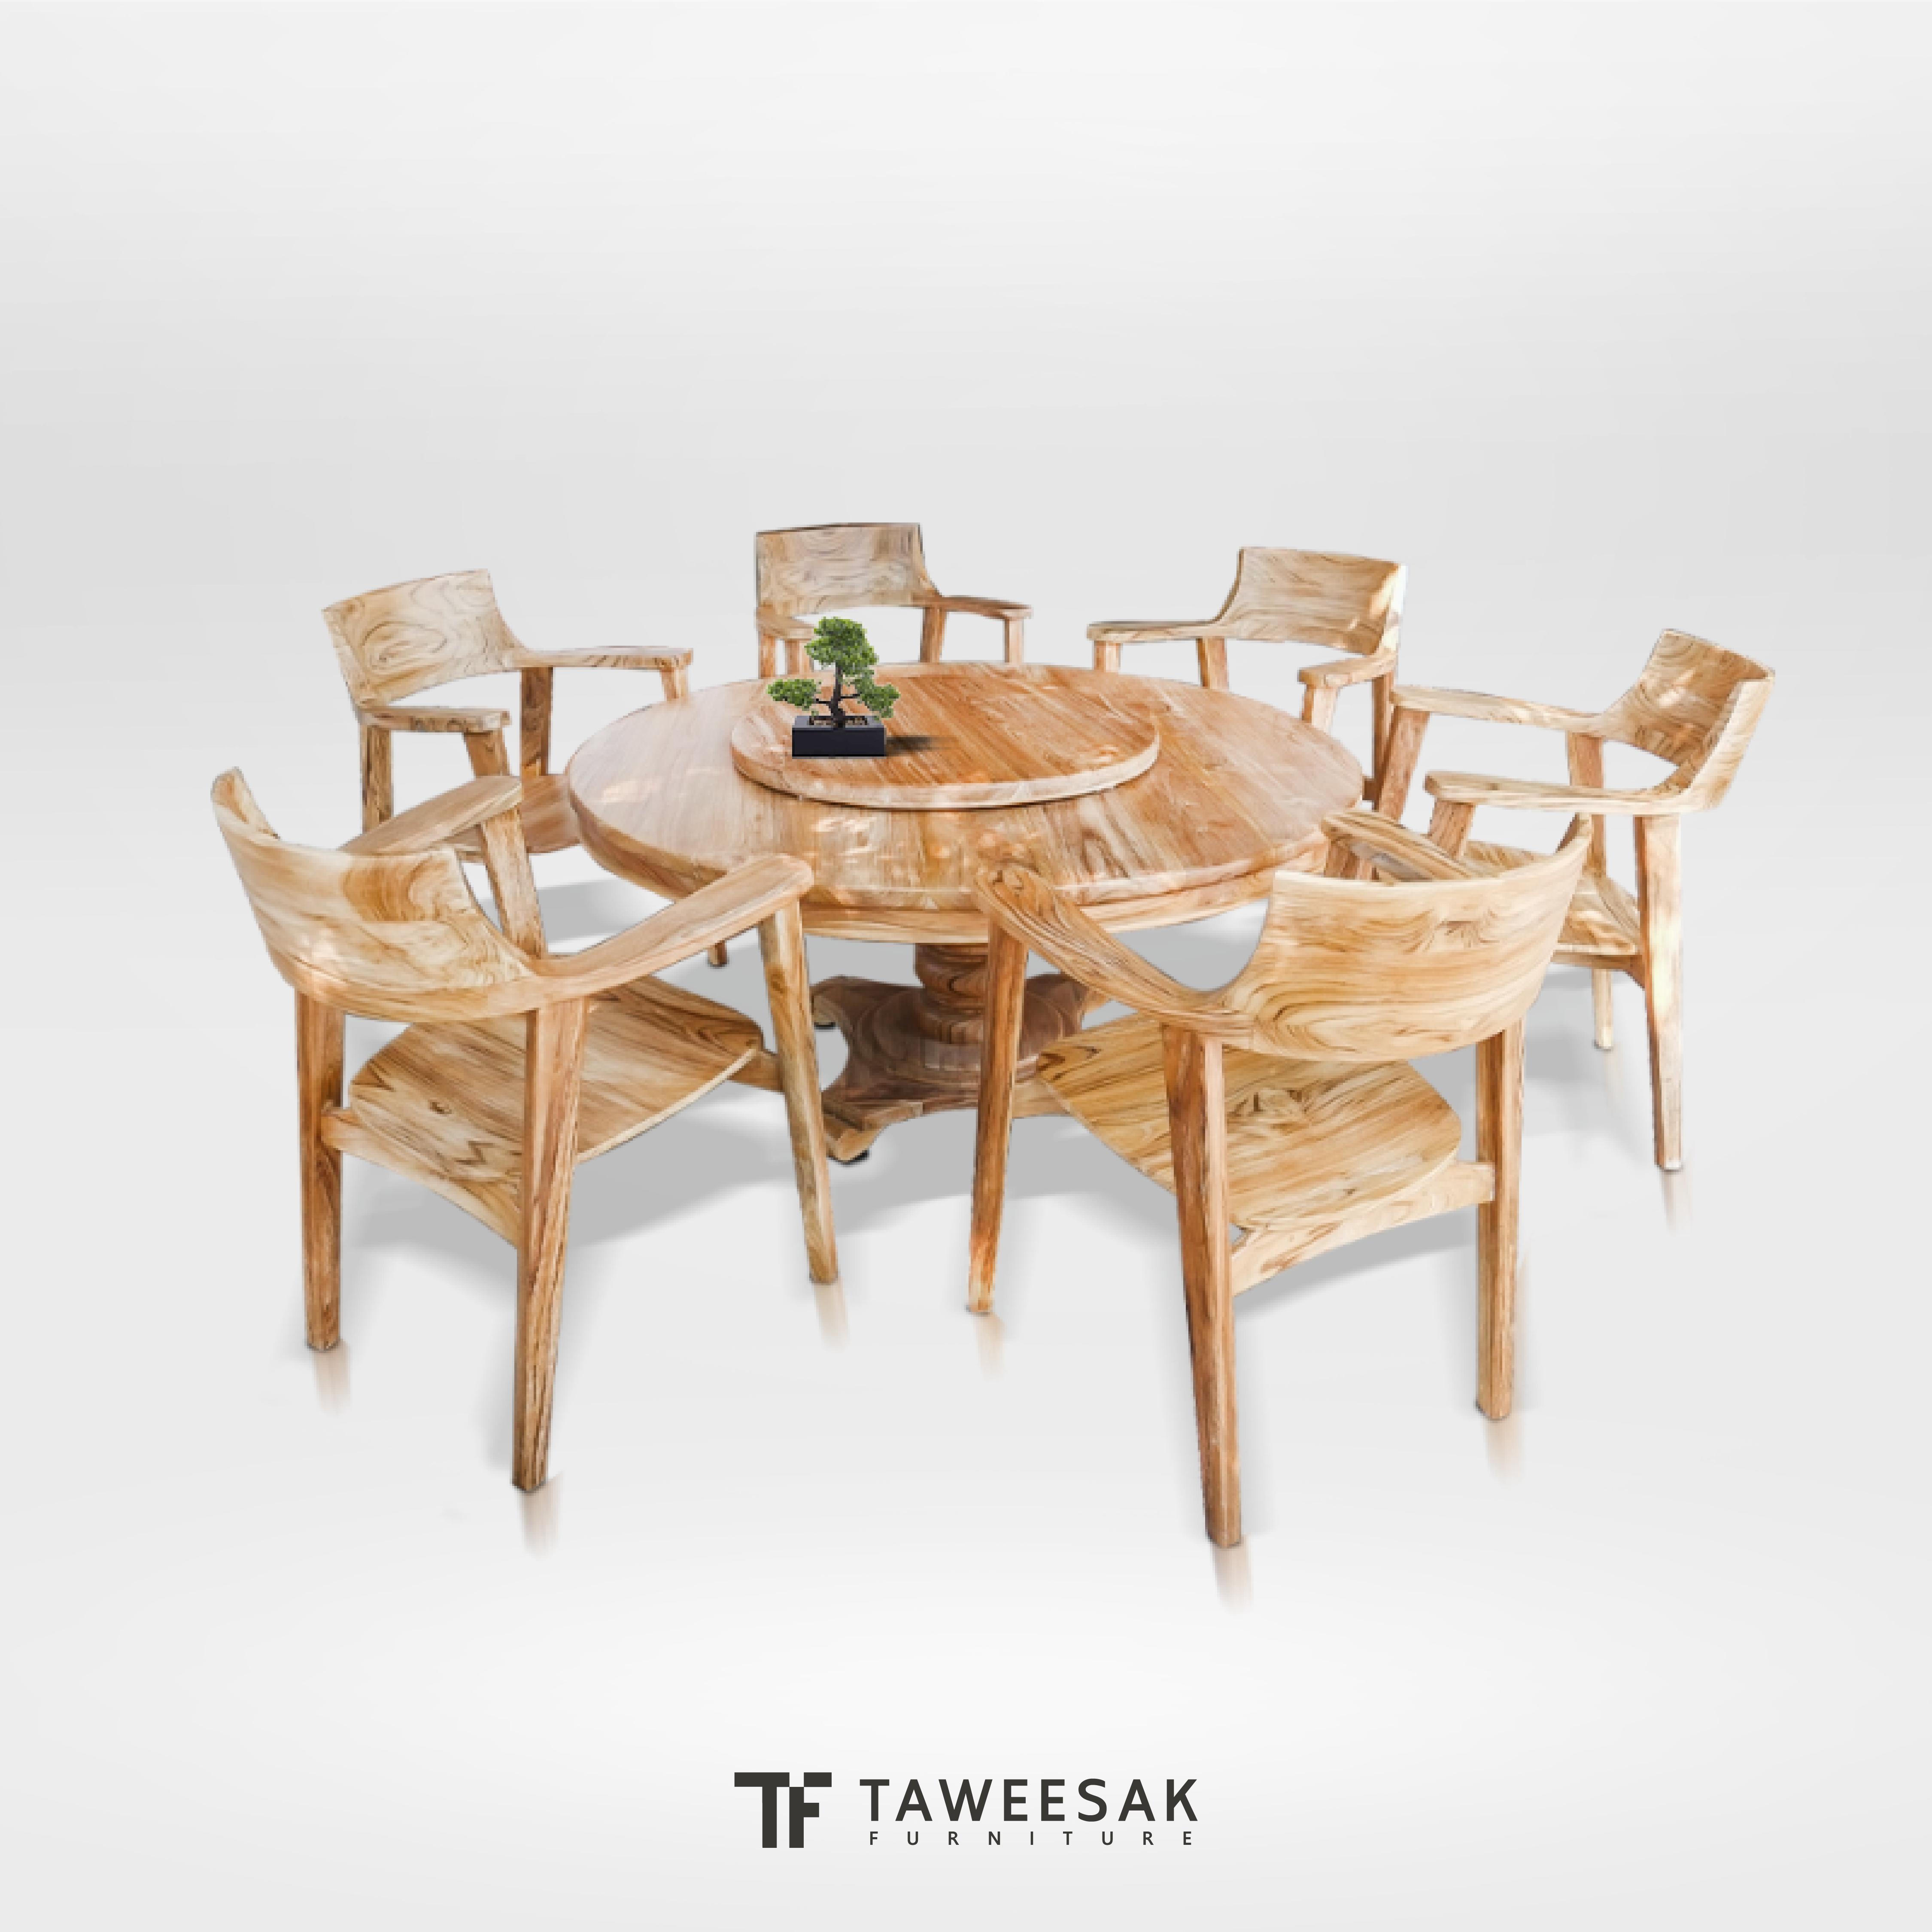 ชุดโต๊ะอาหารไม้สัก DS051